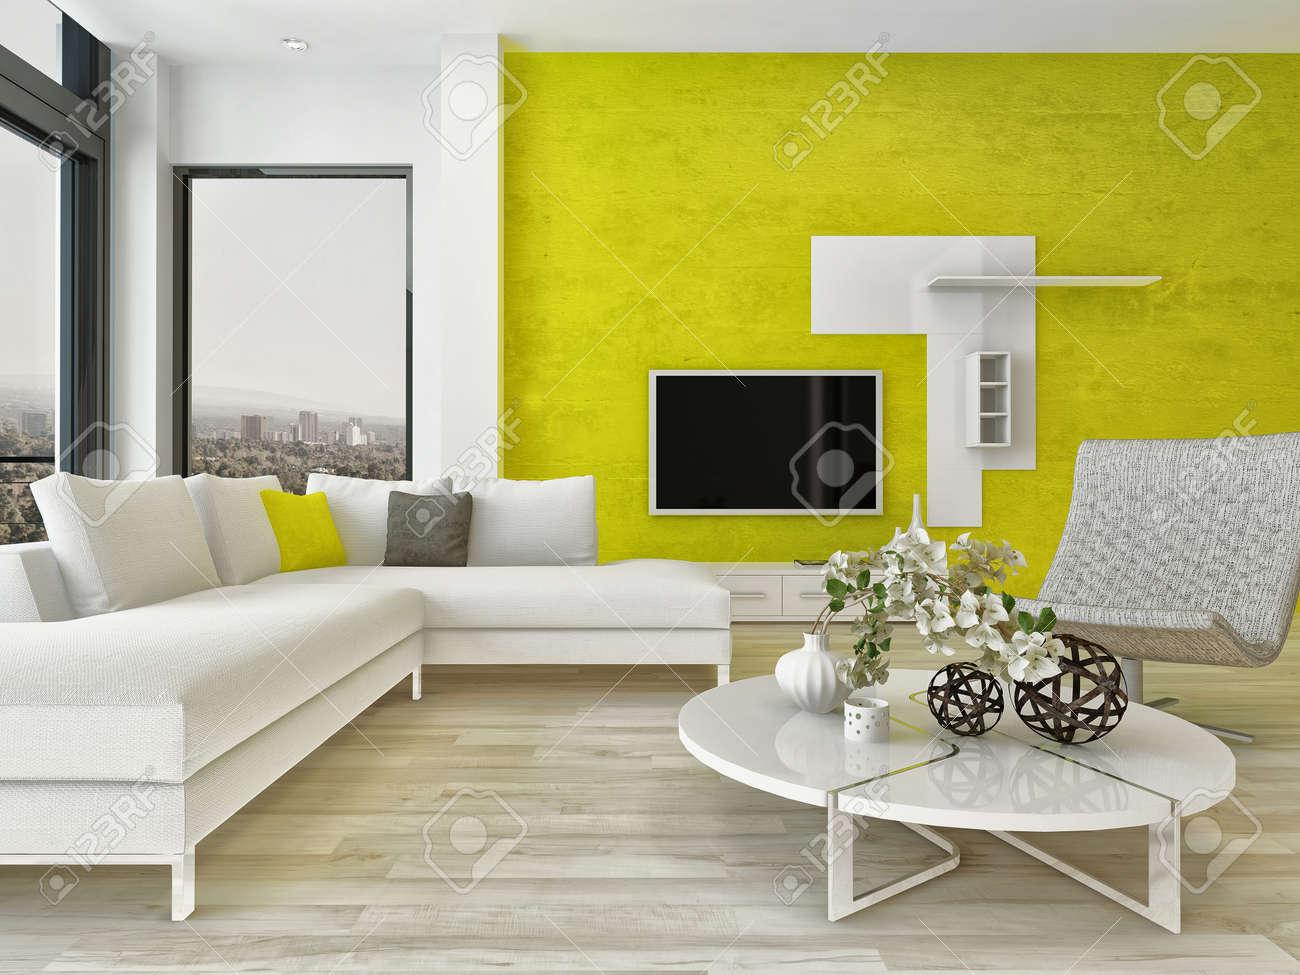 Modern design woonkamer interieur met mooie meubels en fancy ...